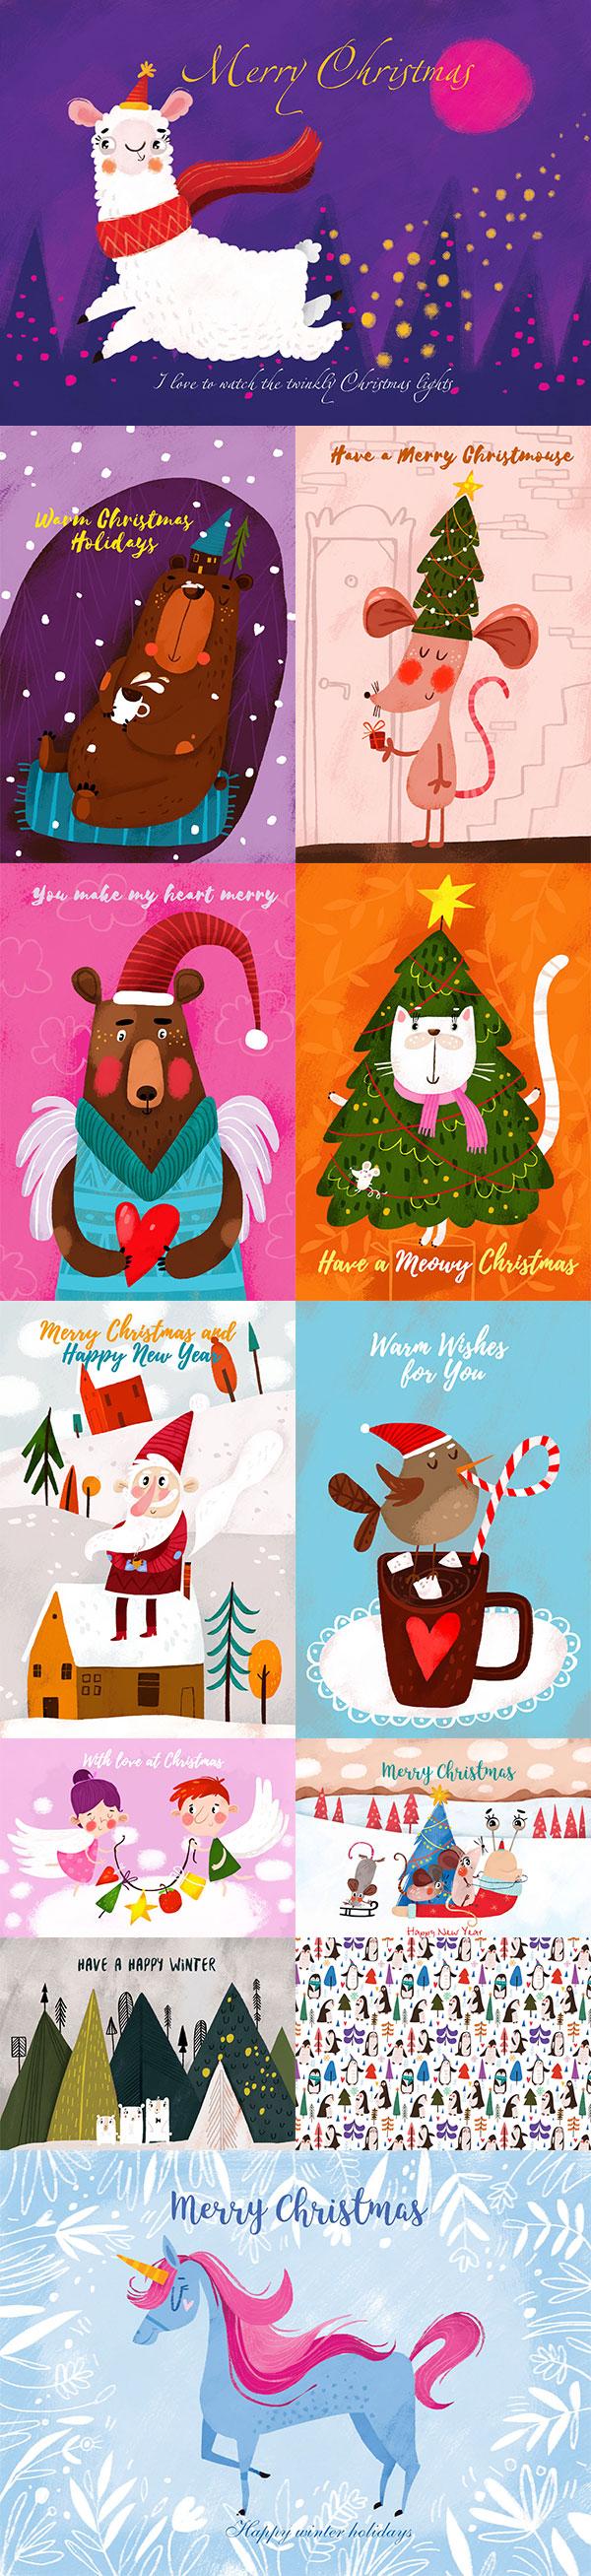 12张可爱手绘圣诞节明信片,圣诞明信片,可爱,熊,美洲驼,马,鼠标,冬天